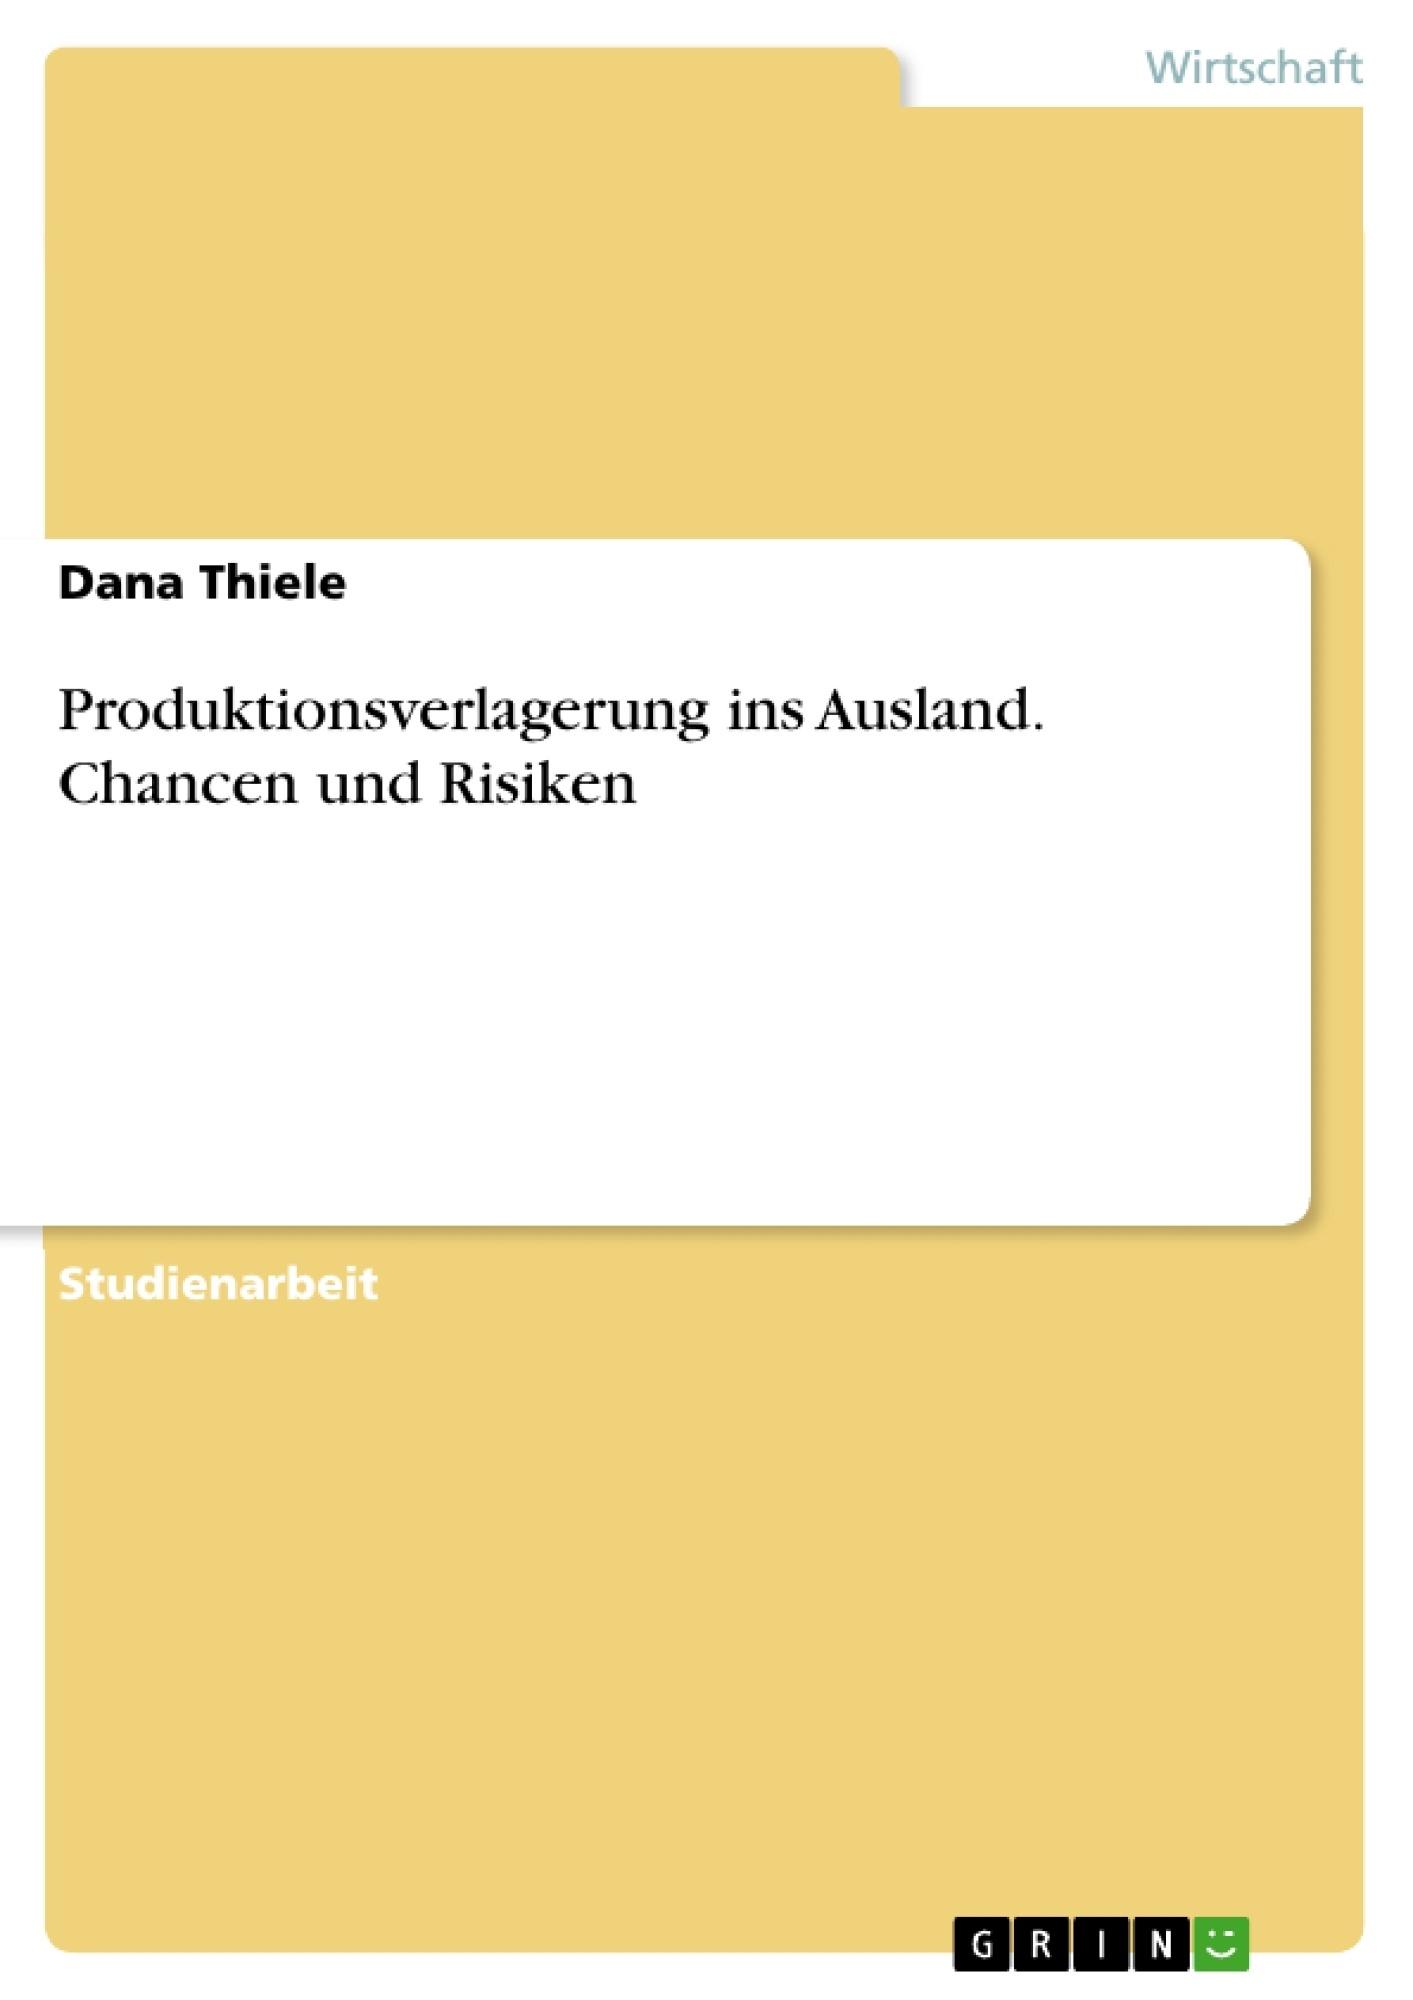 Titel: Produktionsverlagerung ins Ausland. Chancen und Risiken